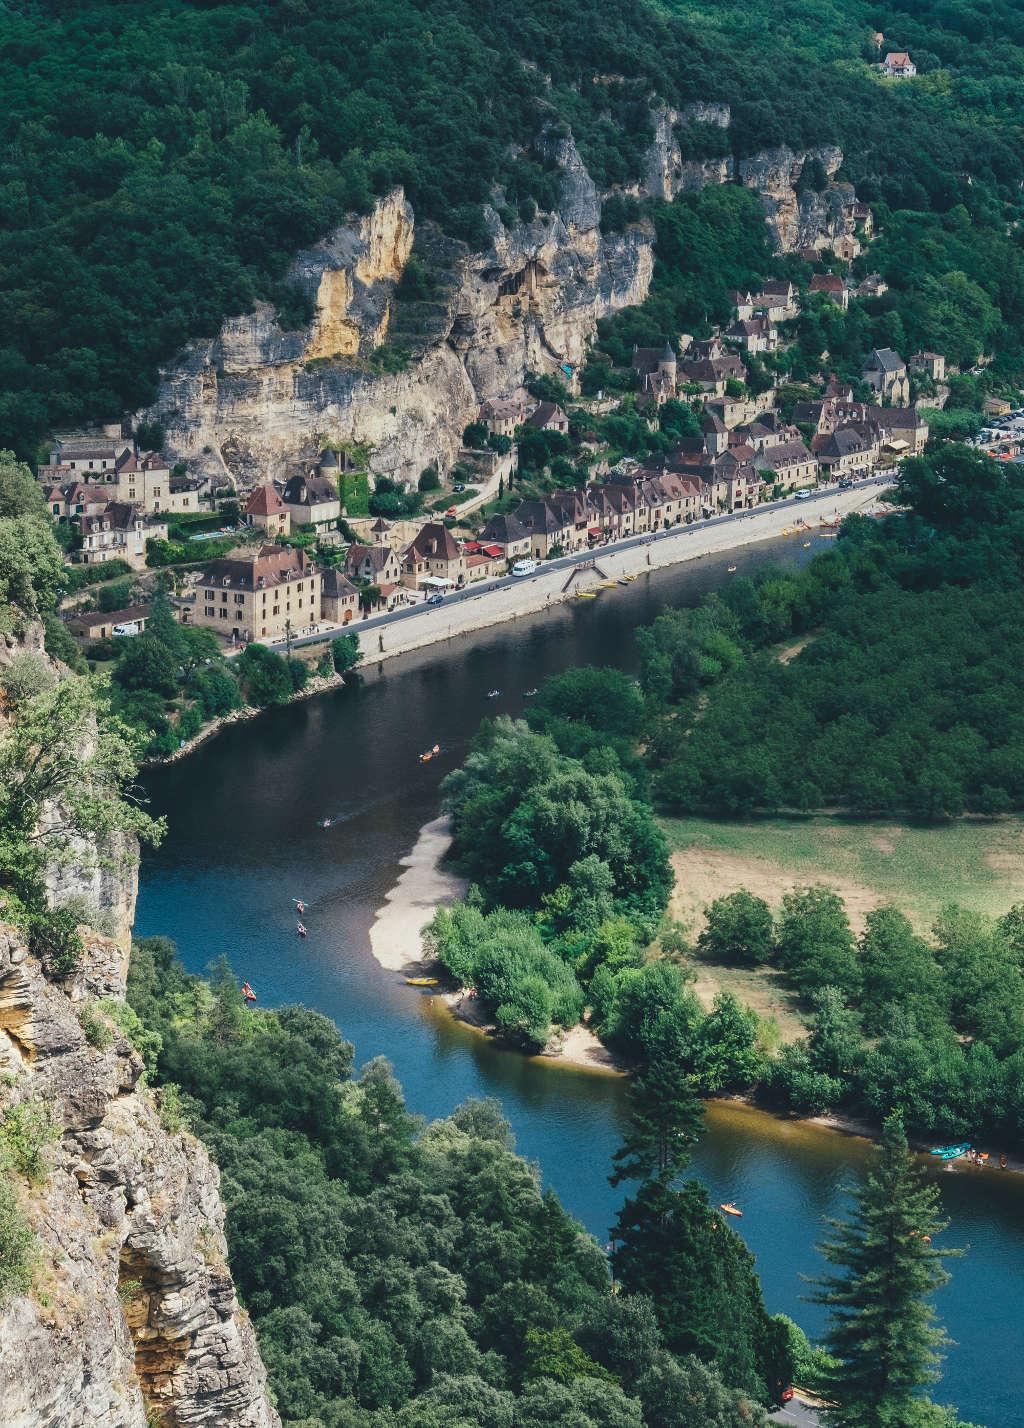 Découvrir la Dordogne en séjournant au Domaine de L'Ô